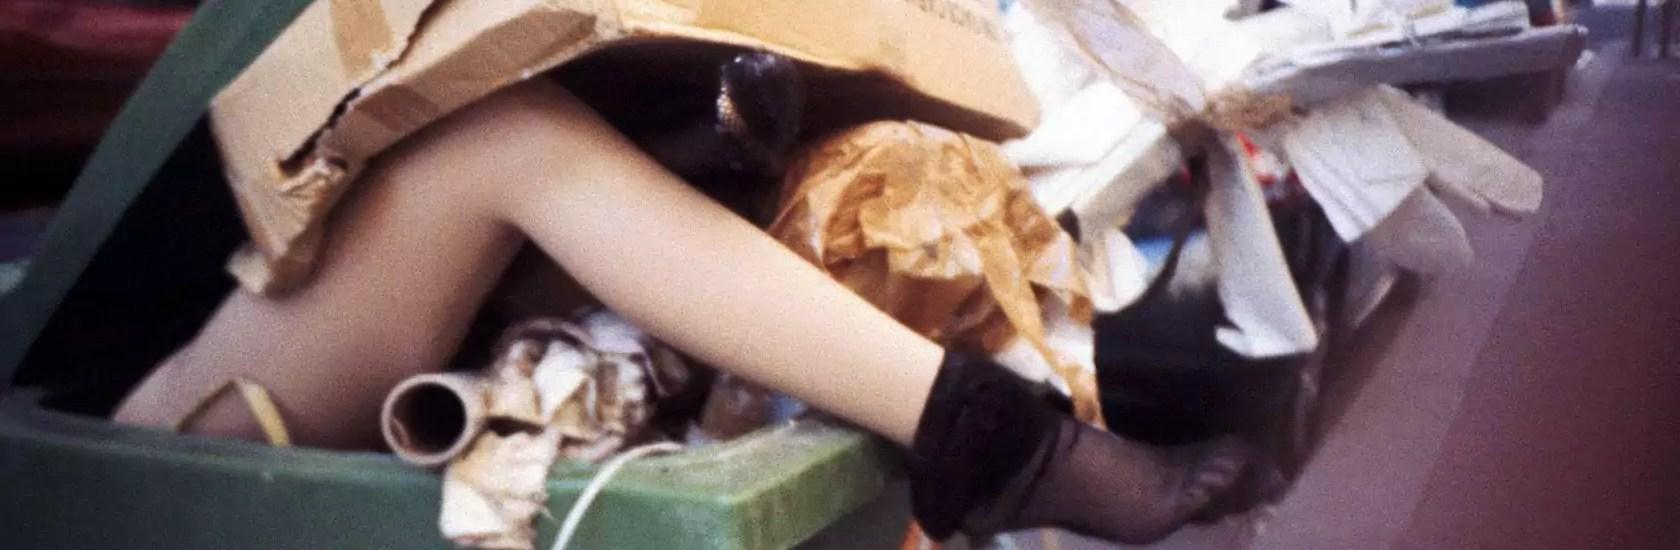 Allez samedi à la journée pour réduire ses déchets à Strasbourg